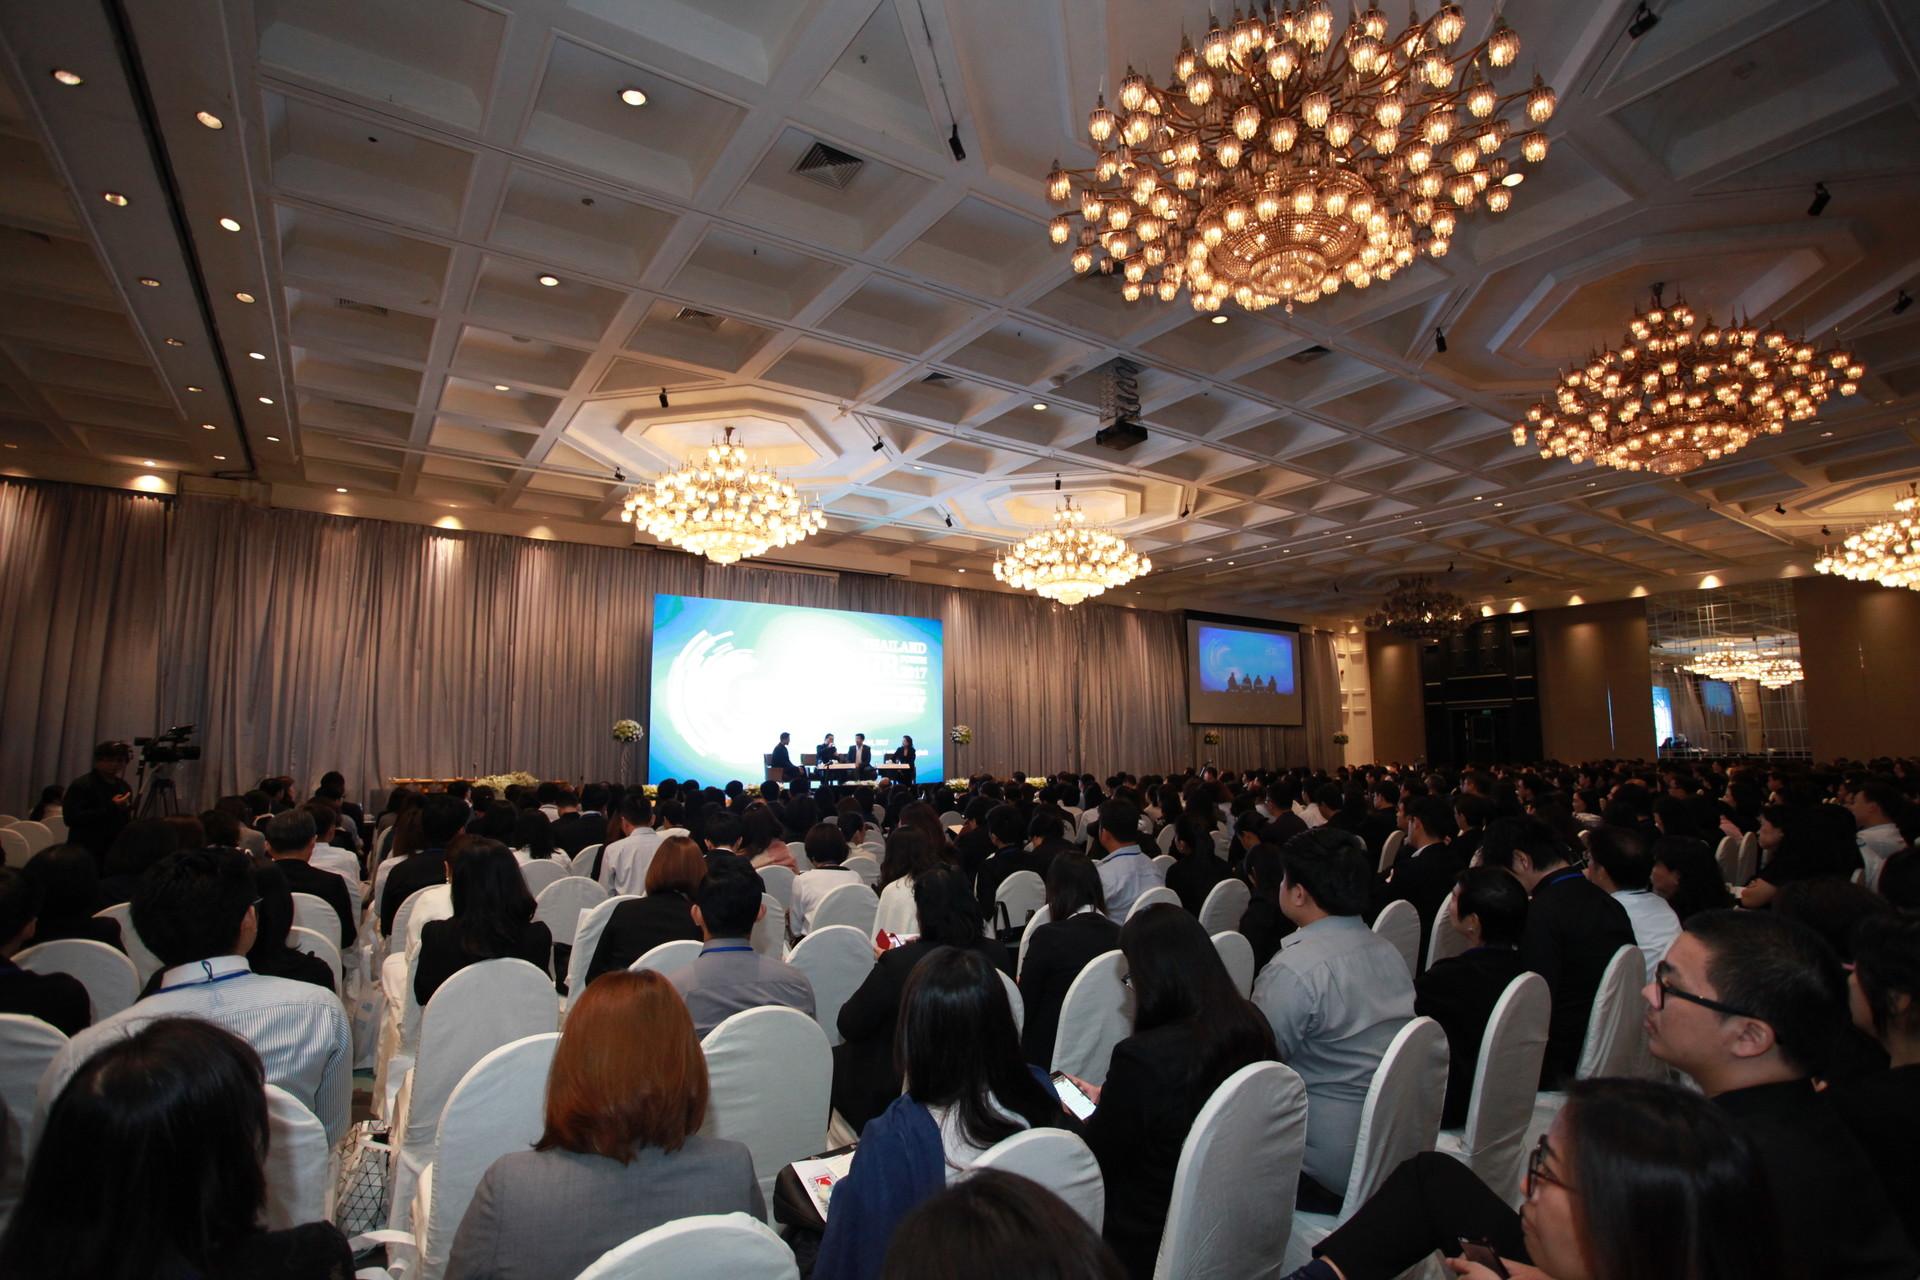 ÀÒ¾¡Ô¨¡ÃÃÁ§Ò¹ Thailand HR Forum 2017